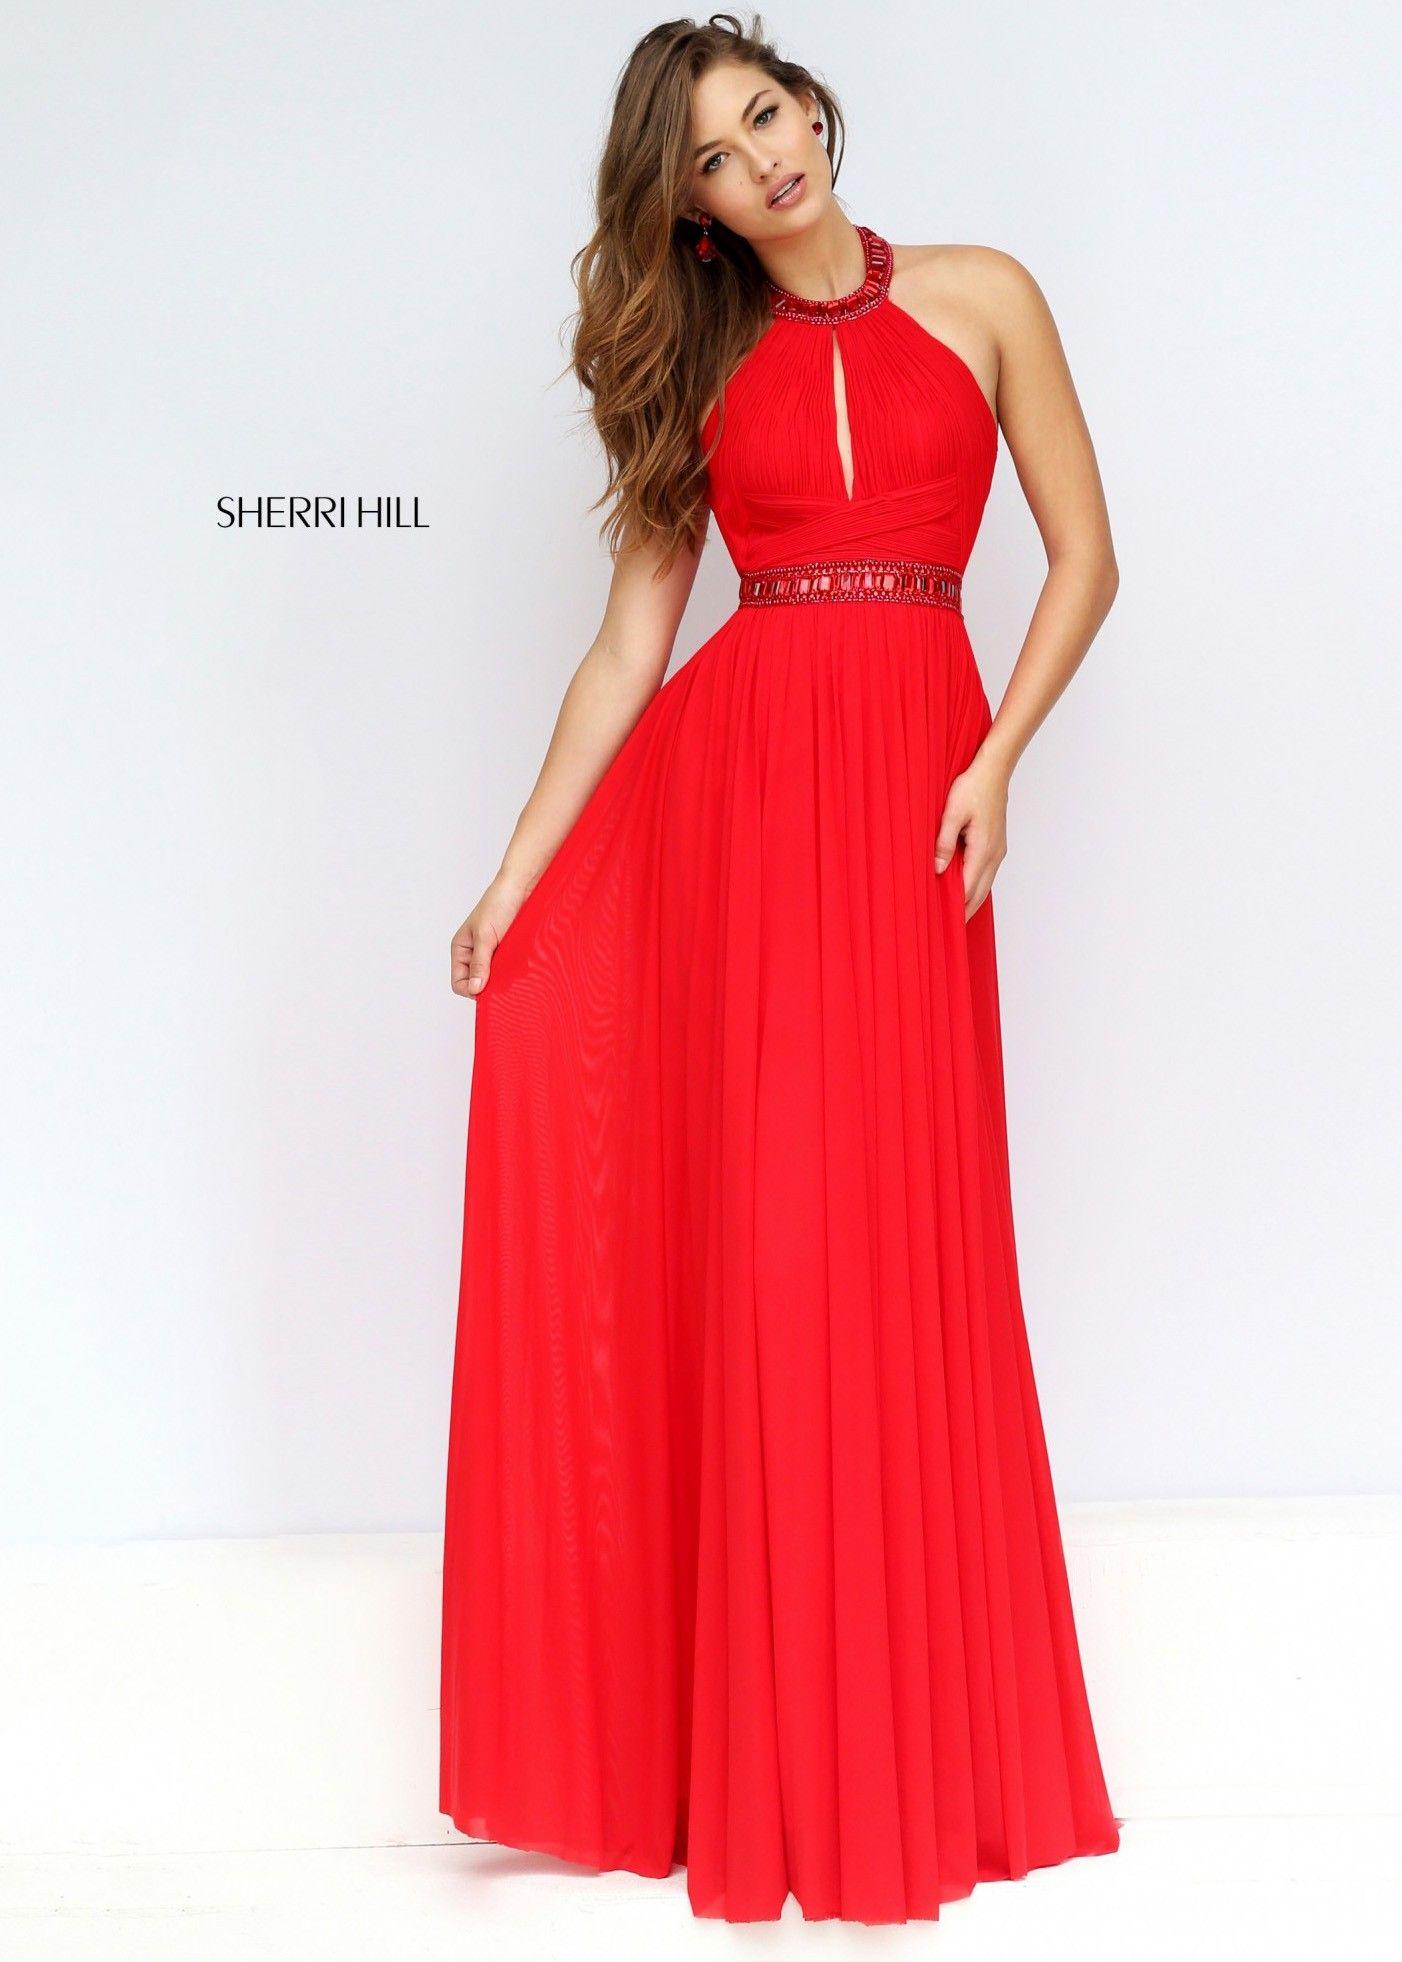 Sherri Hill 50089 Flowy Ruched Chiffon Evening Gown